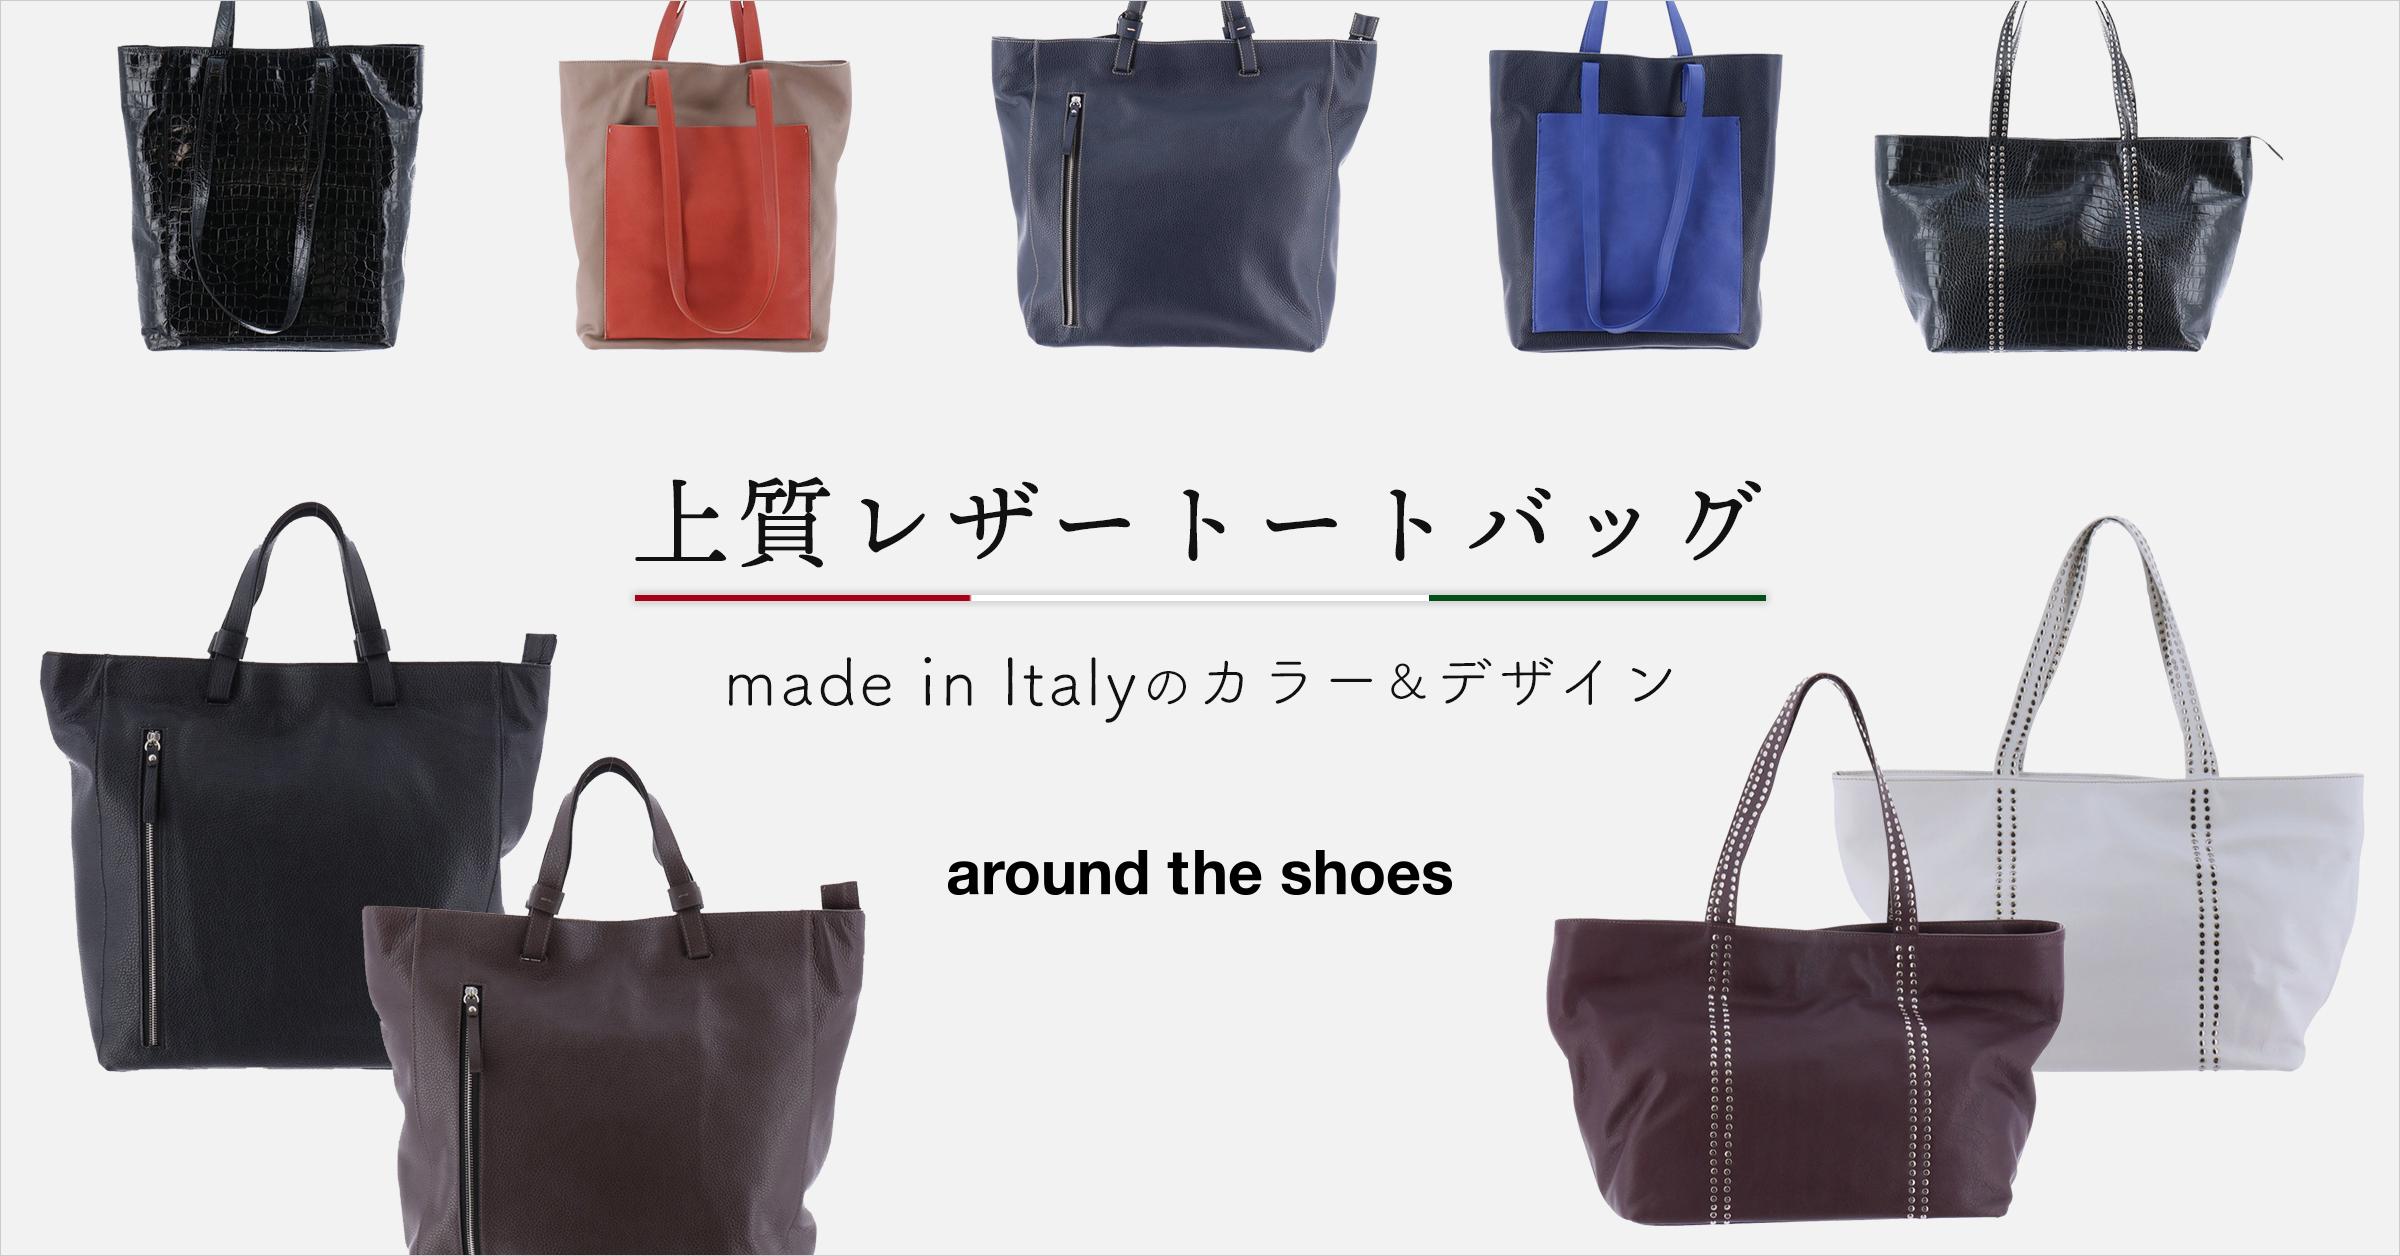 上質レザートートバッグ made in Italyのカラー&デザイン